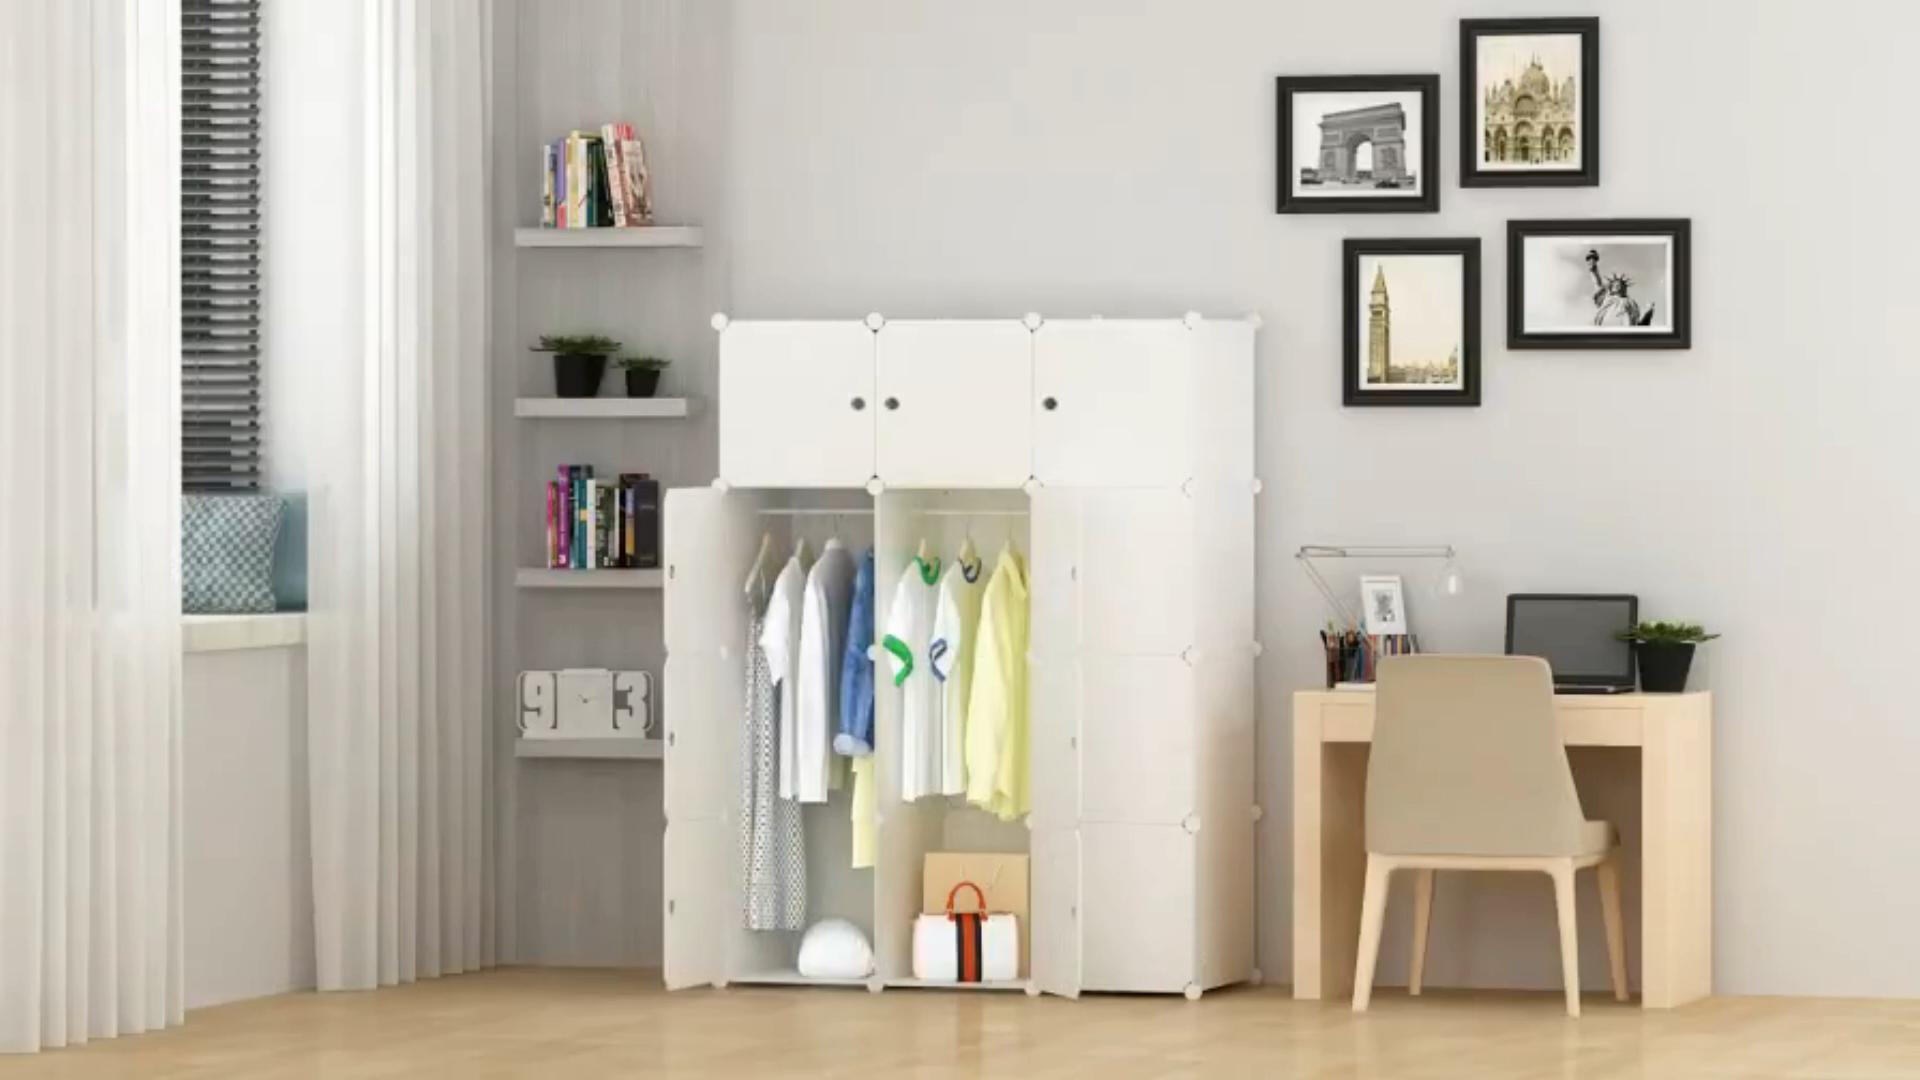 ตู้เสื้อผ้าพลาสติกแบบ Diy,ตู้เสื้อผ้าทรงลูกบาศก์10ชิ้นสำหรับใส่เสื้อผ้า